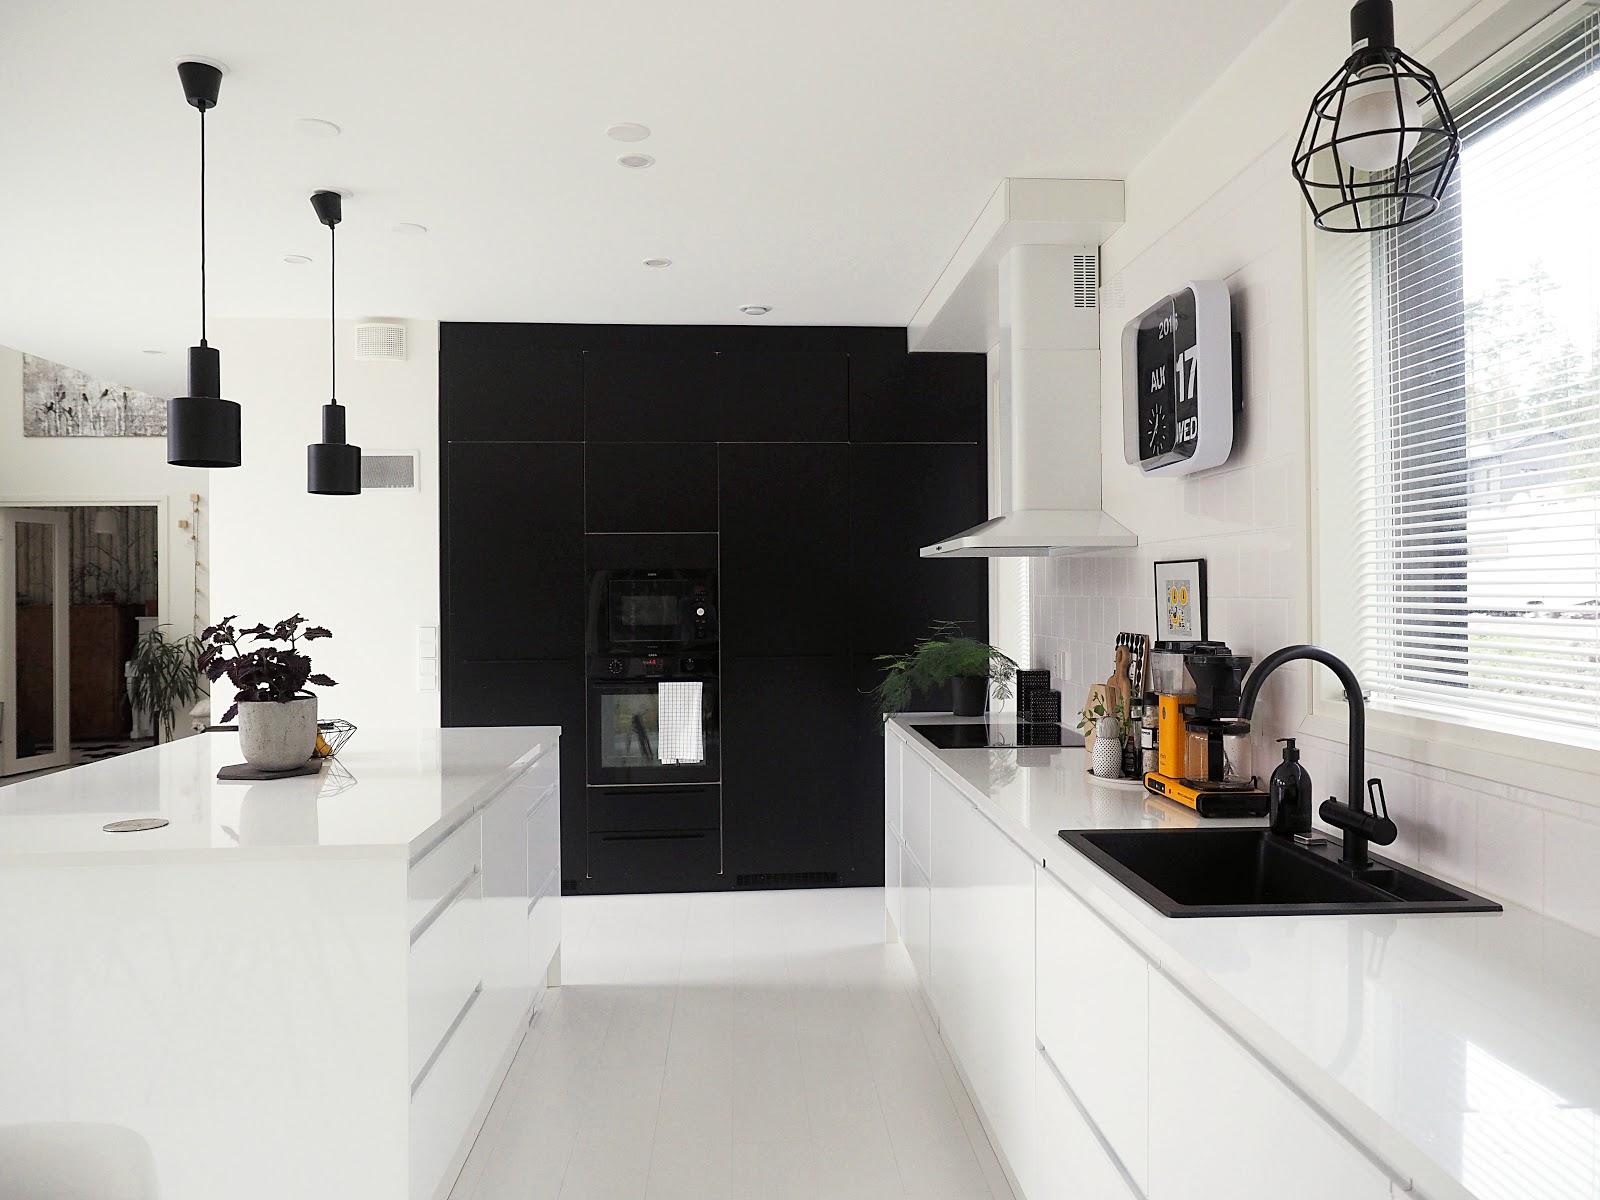 keittiö, mustavalkoinen keittiö, musta hana ja allas